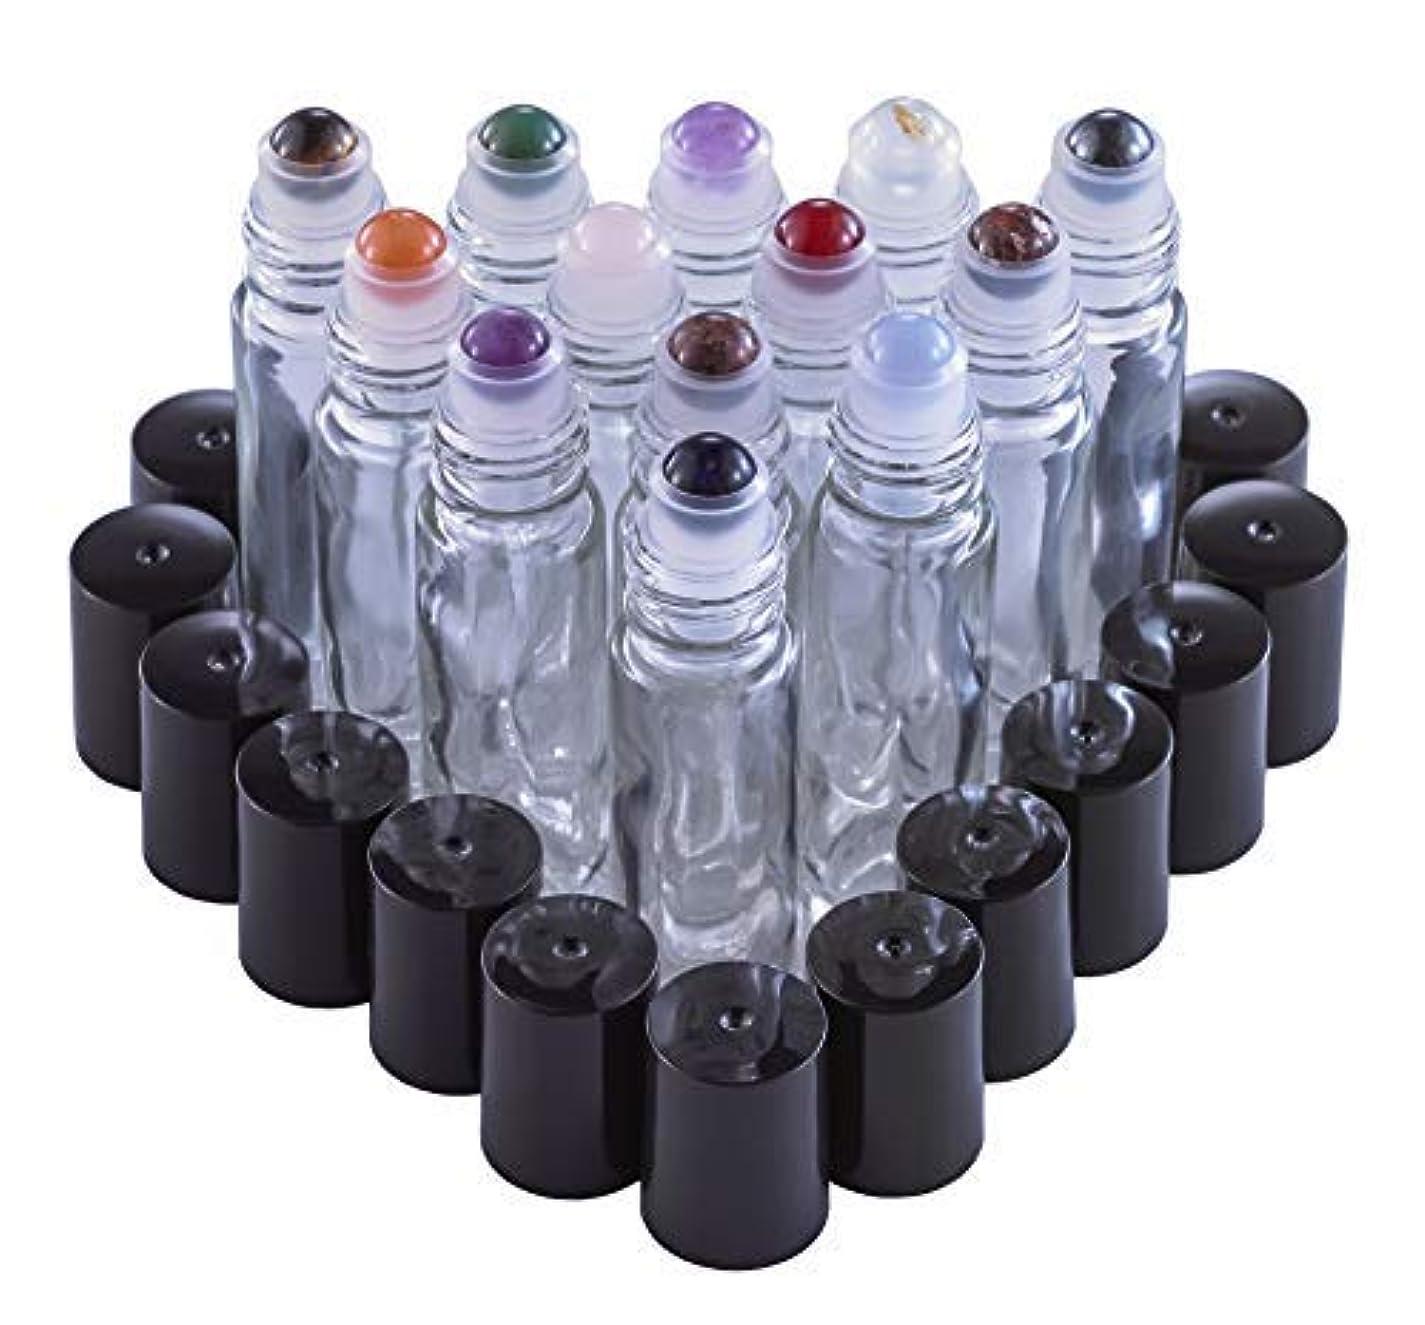 ブラウザ延ばす混乱したGemstone Roller Balls For Essential Oils - 13 Beautiful Glass Roller Bottles With Precious Gemstones and Crystals Tops - For Blending Including Tiger Eye, Rose Quartz, Amethyst [並行輸入品]